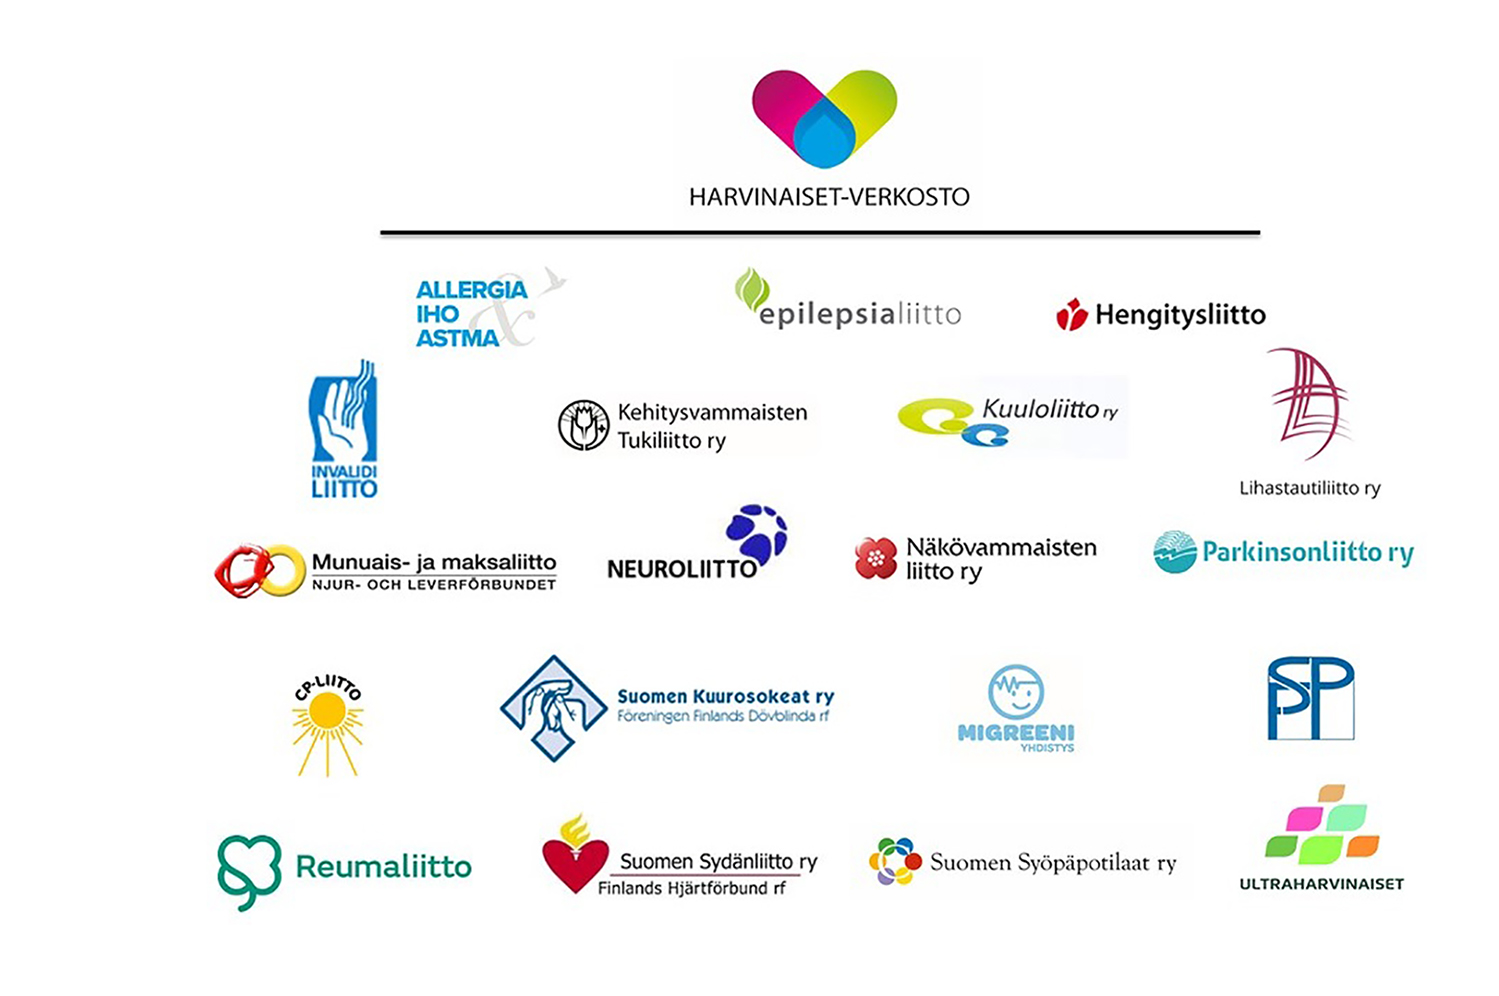 Harvinaiset-verkoston 19 jäsenyhteisön logot